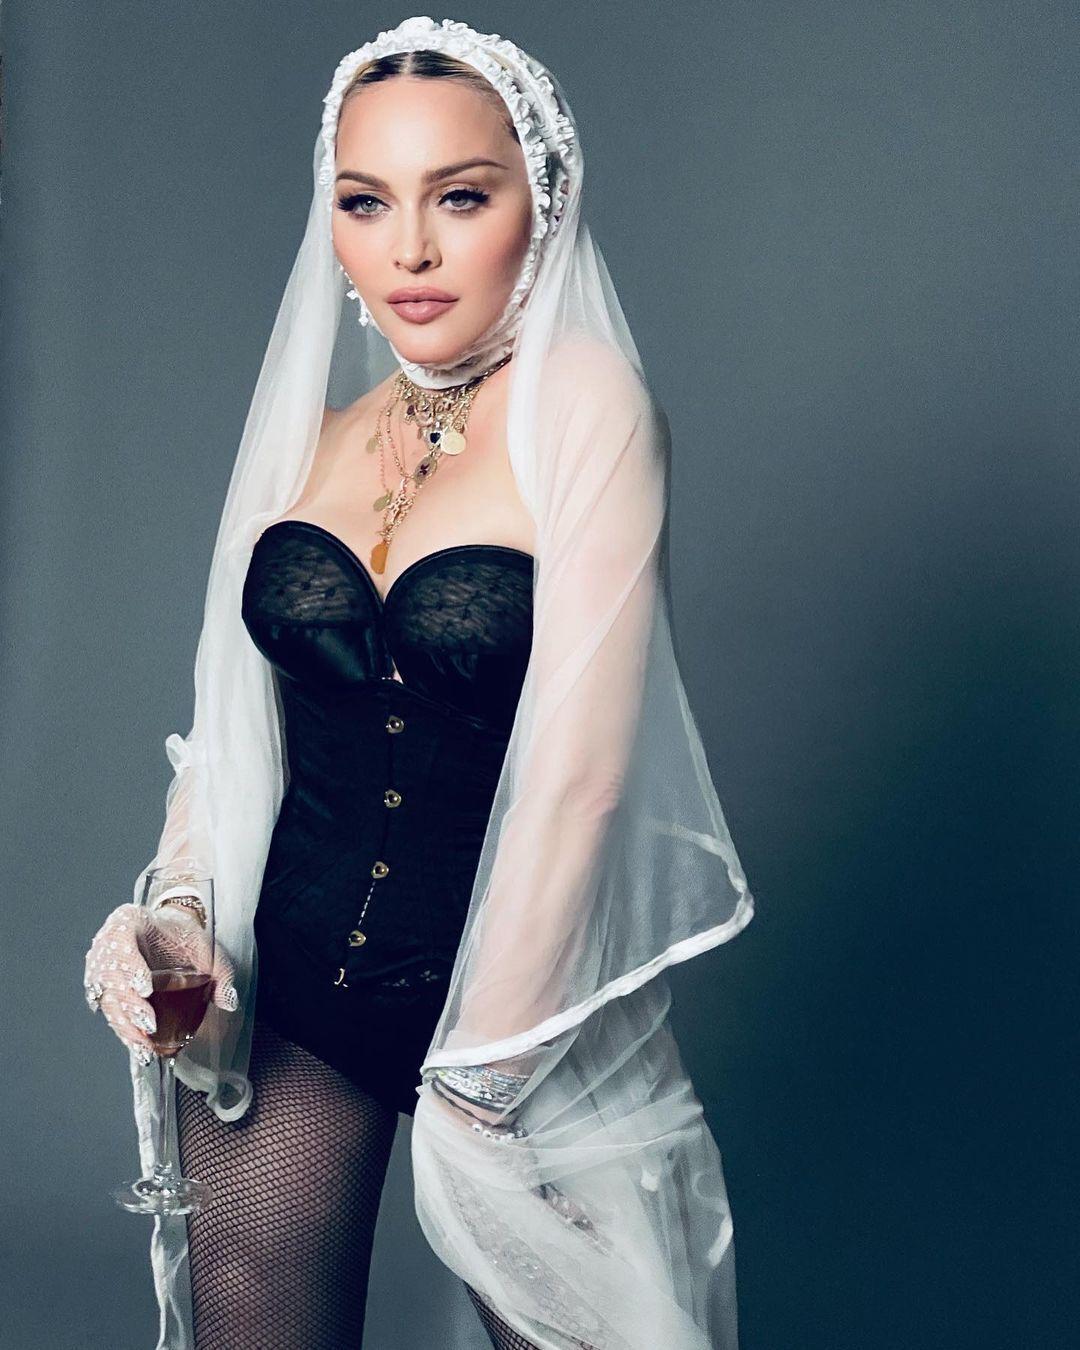 Мадонна показала відвертий лук